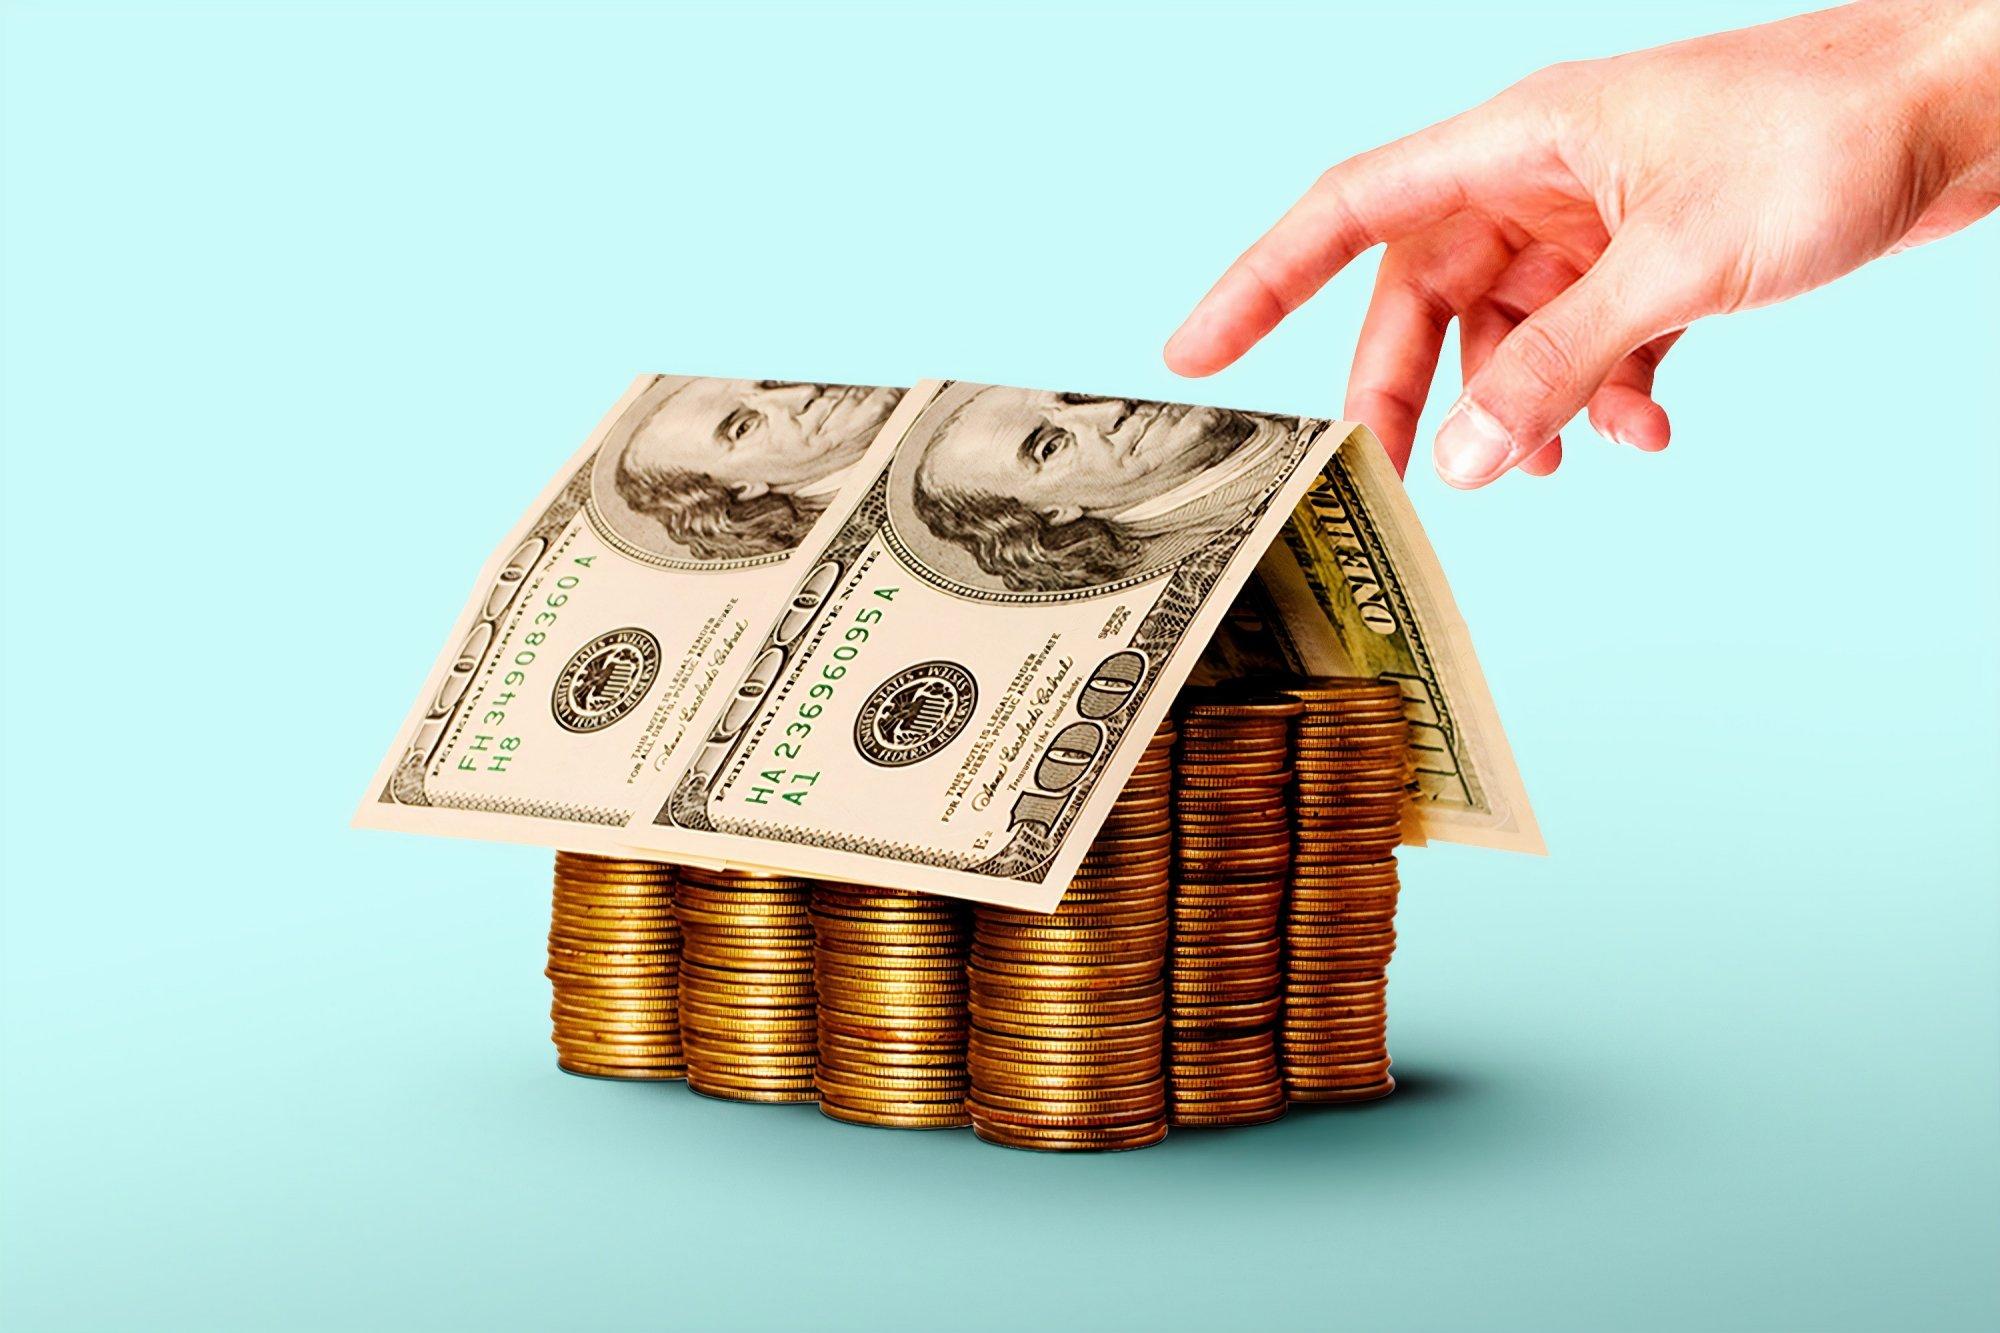 家の形をしたお金